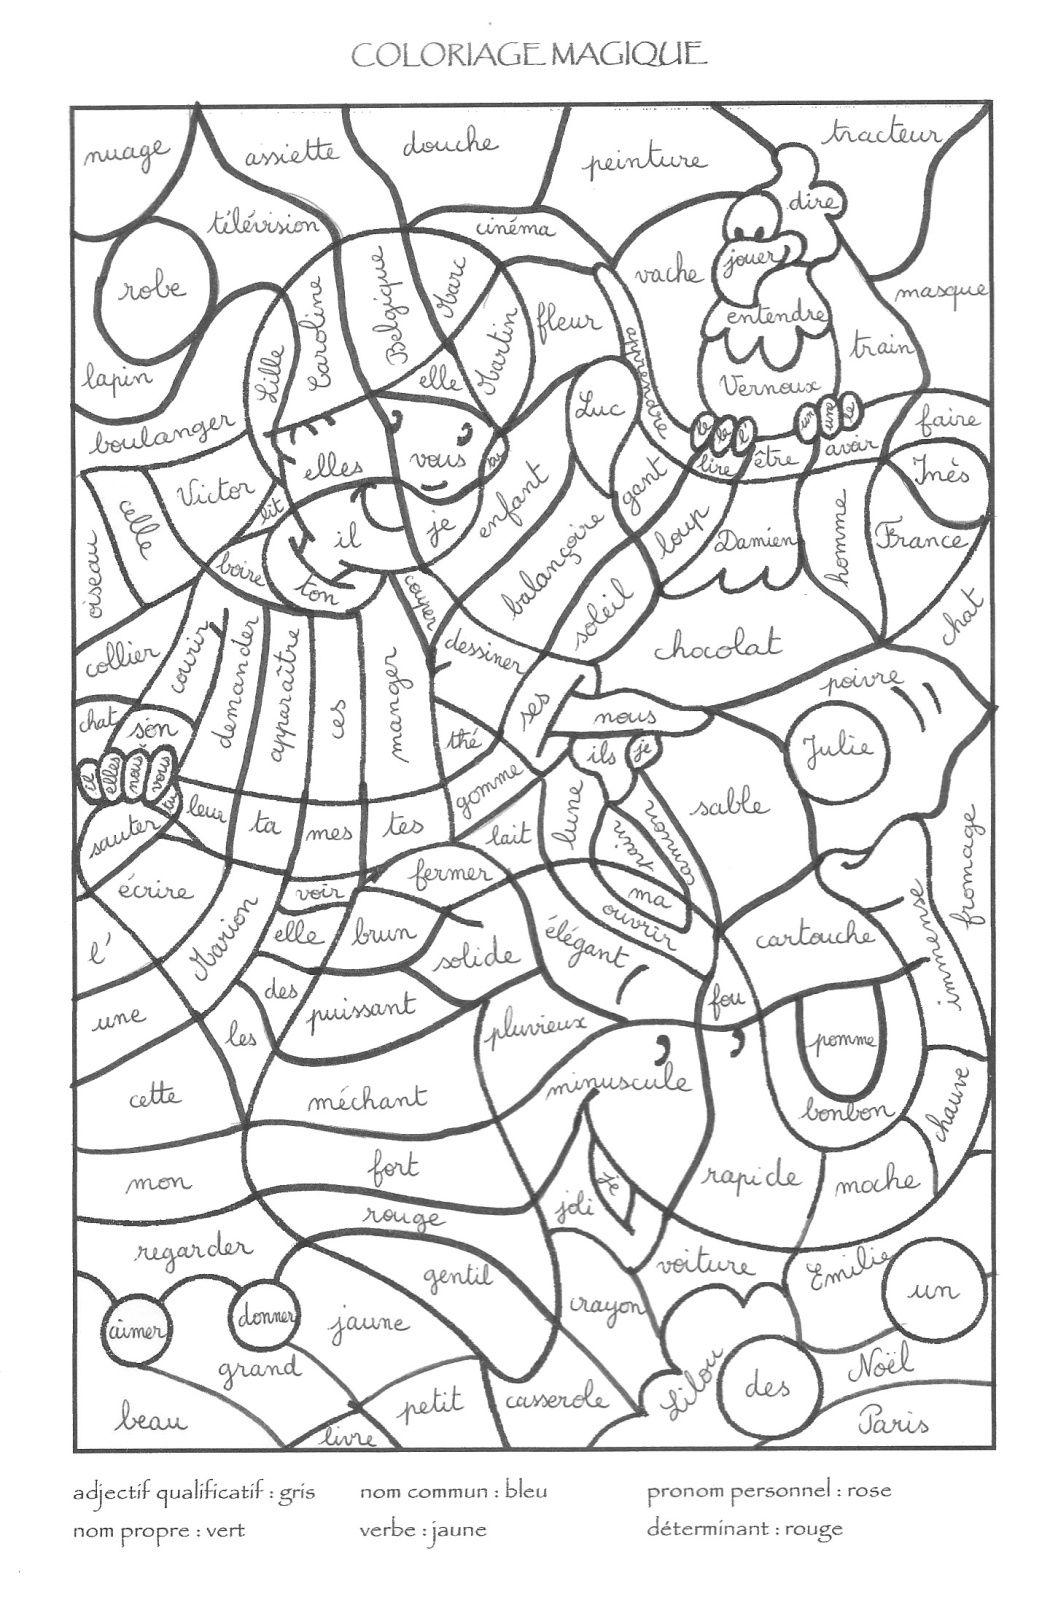 Coloriage magique la nature des mots l 39 indienne dessins coloriages pinterest cm1 cm2 - Coloriage a imprimer magique ...